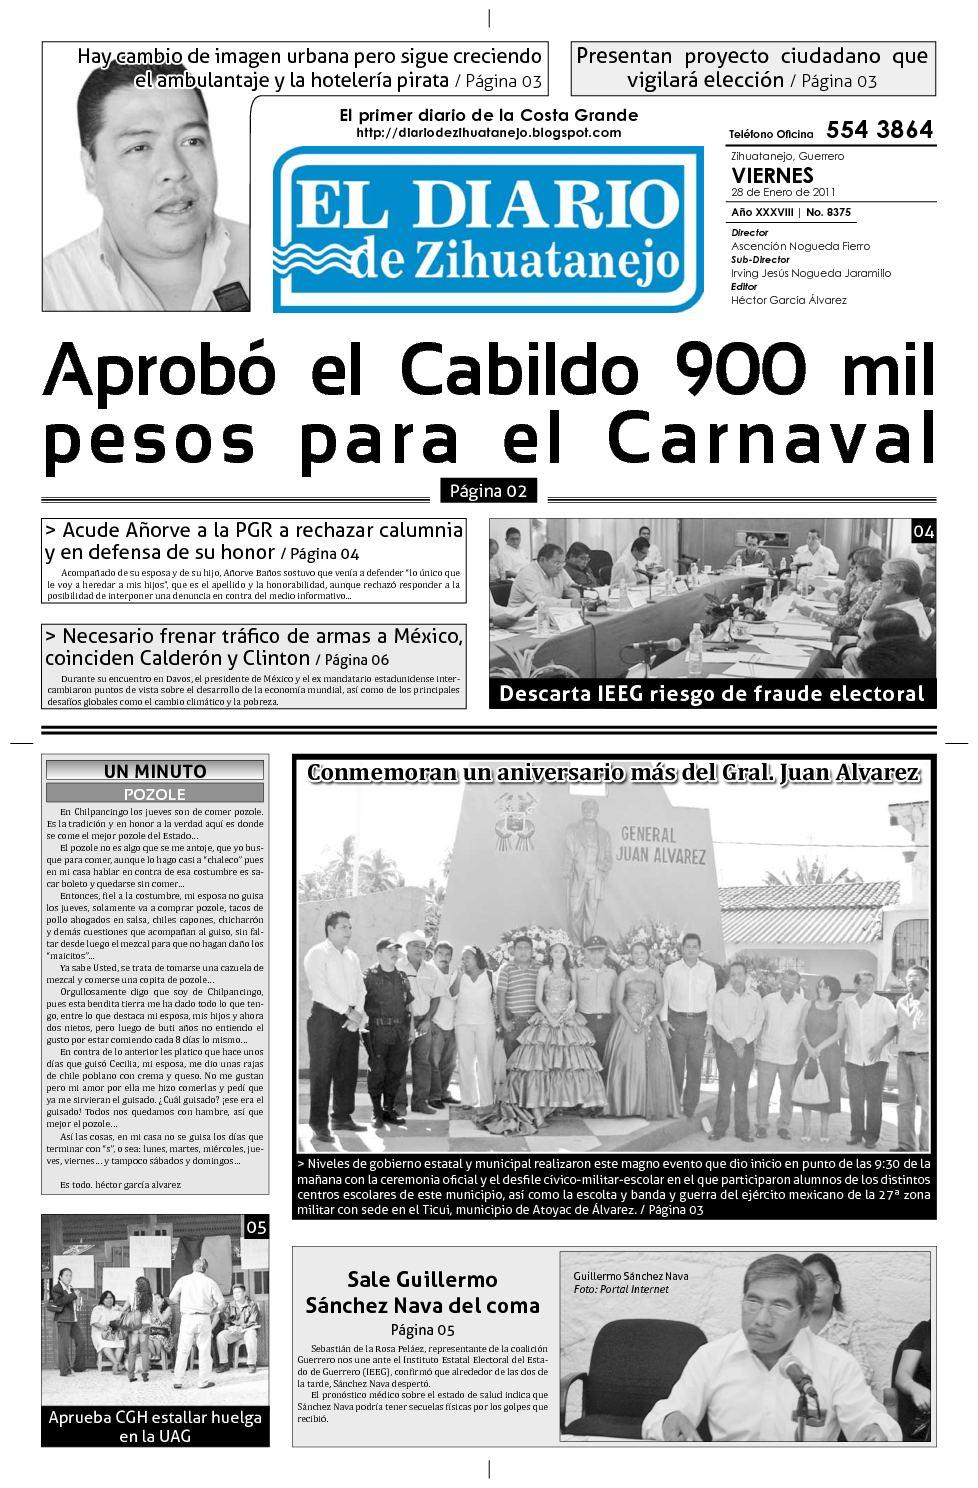 Calaméo - Edición Viernes 28 diciembre de 2010